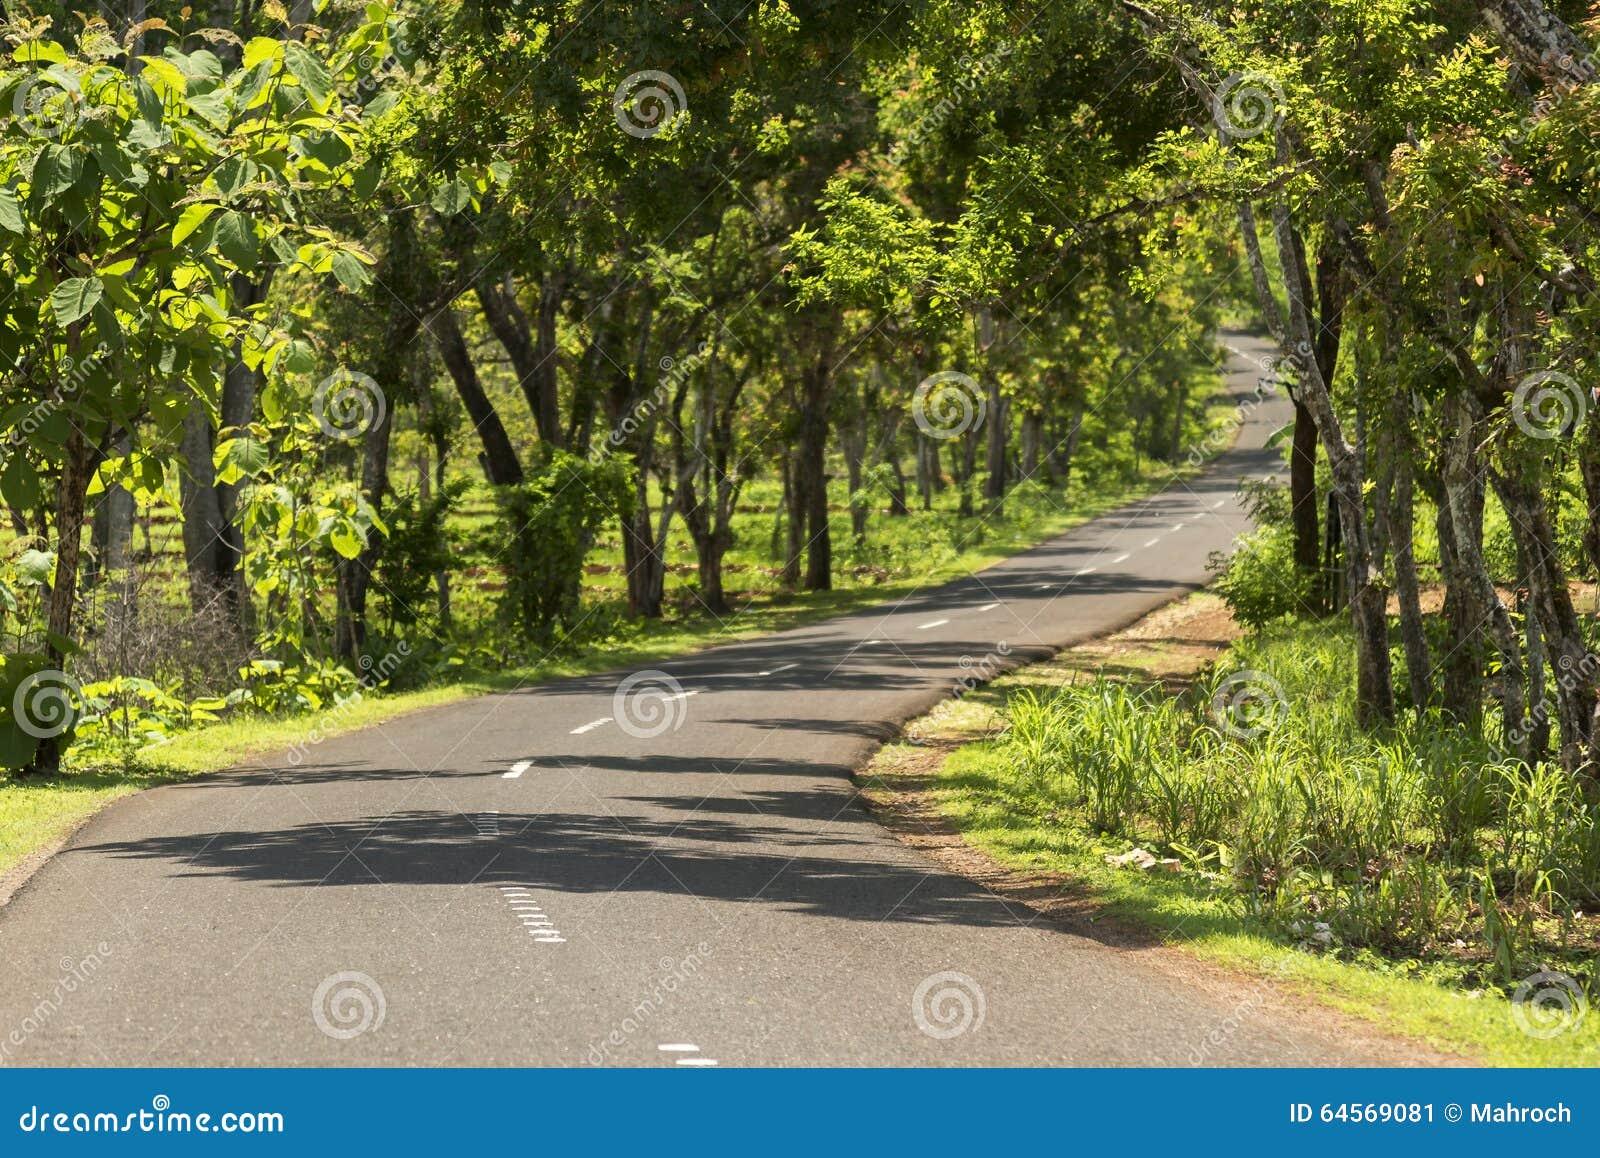 Groene die wegtunnel van bomen en installaties wordt gemaakt